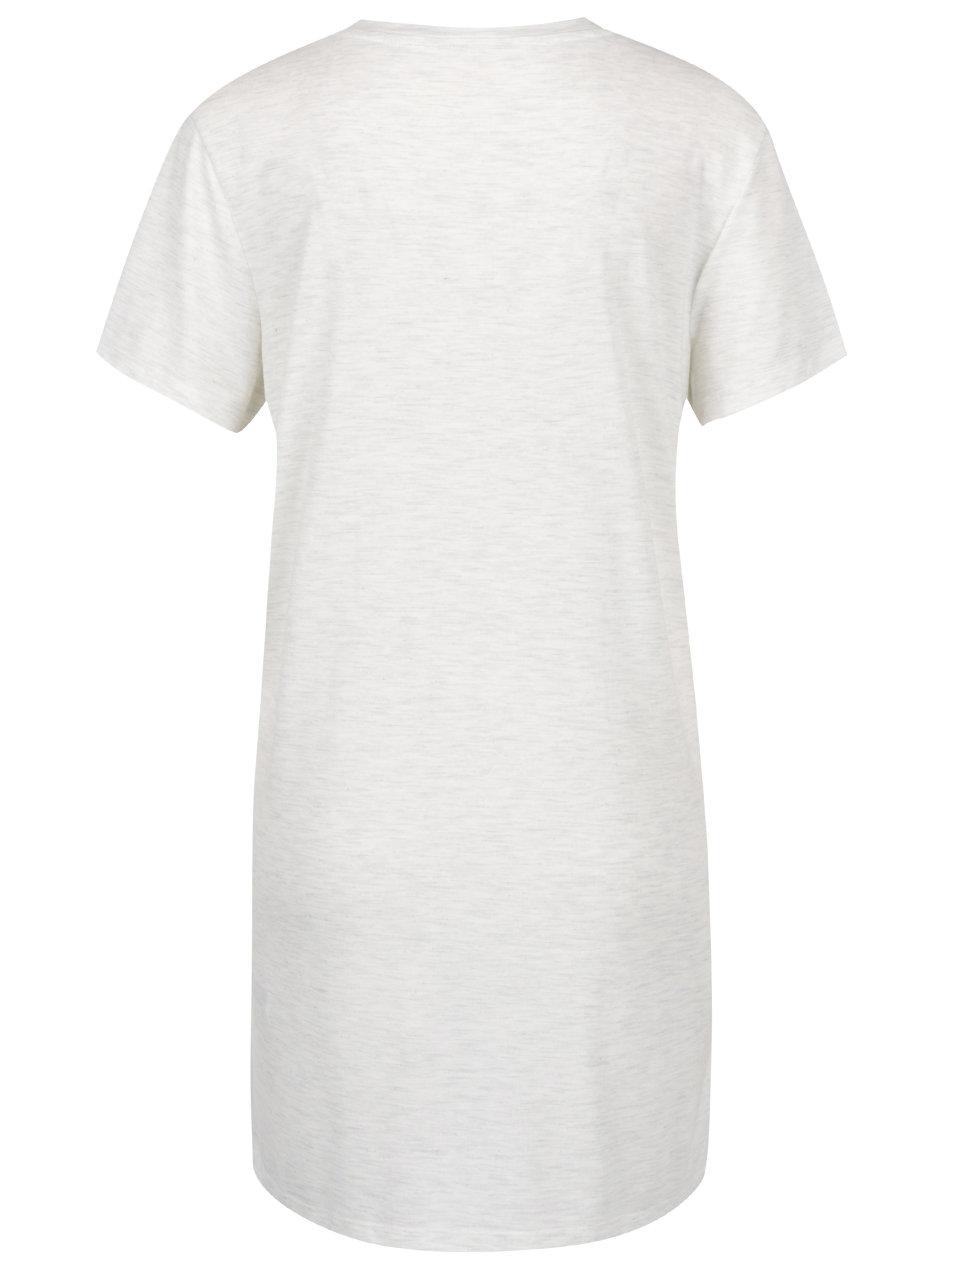 39b537e0a1e3 Sivé melírované dlhé tričko s potlačou Miss Selfridge ...